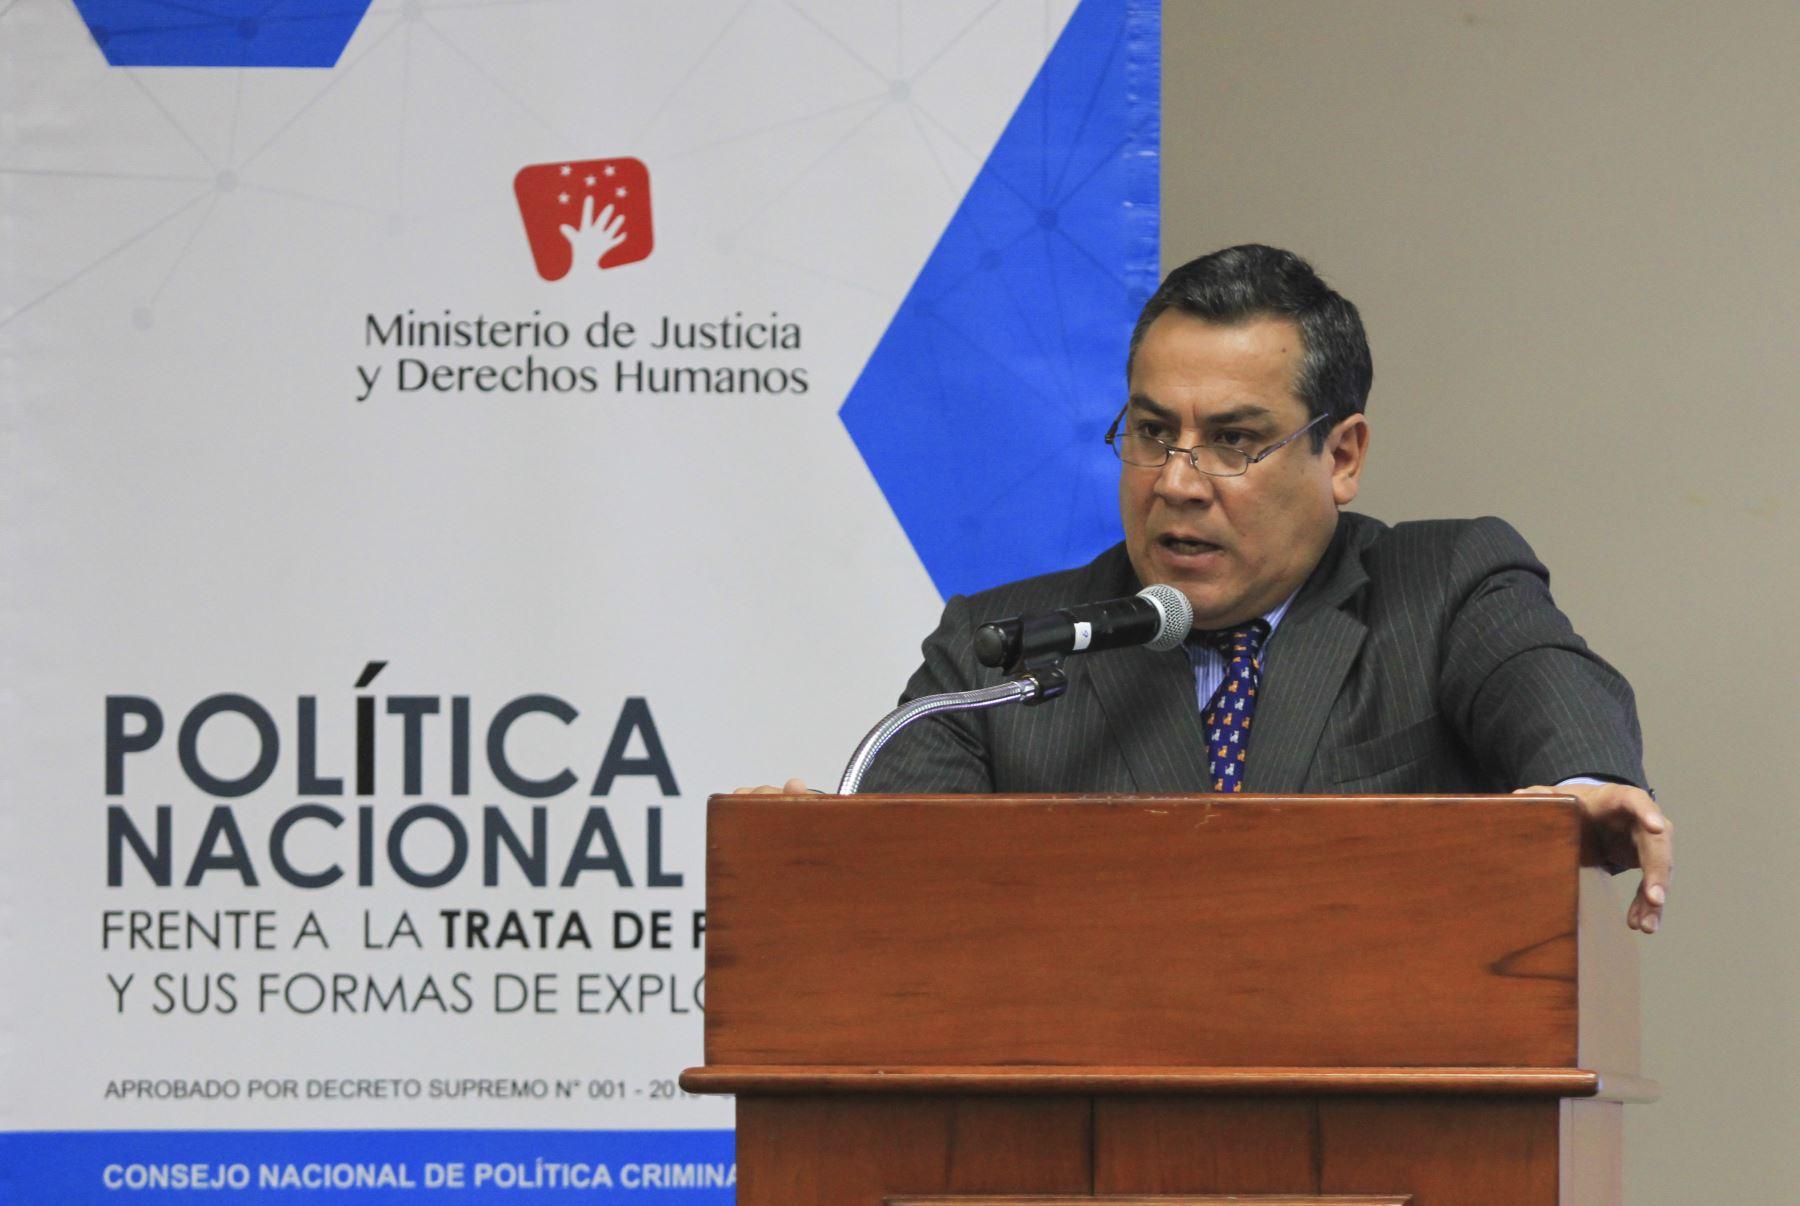 Ministro de Justicia y Derechos Humanos, Gustavo Adrianzén.